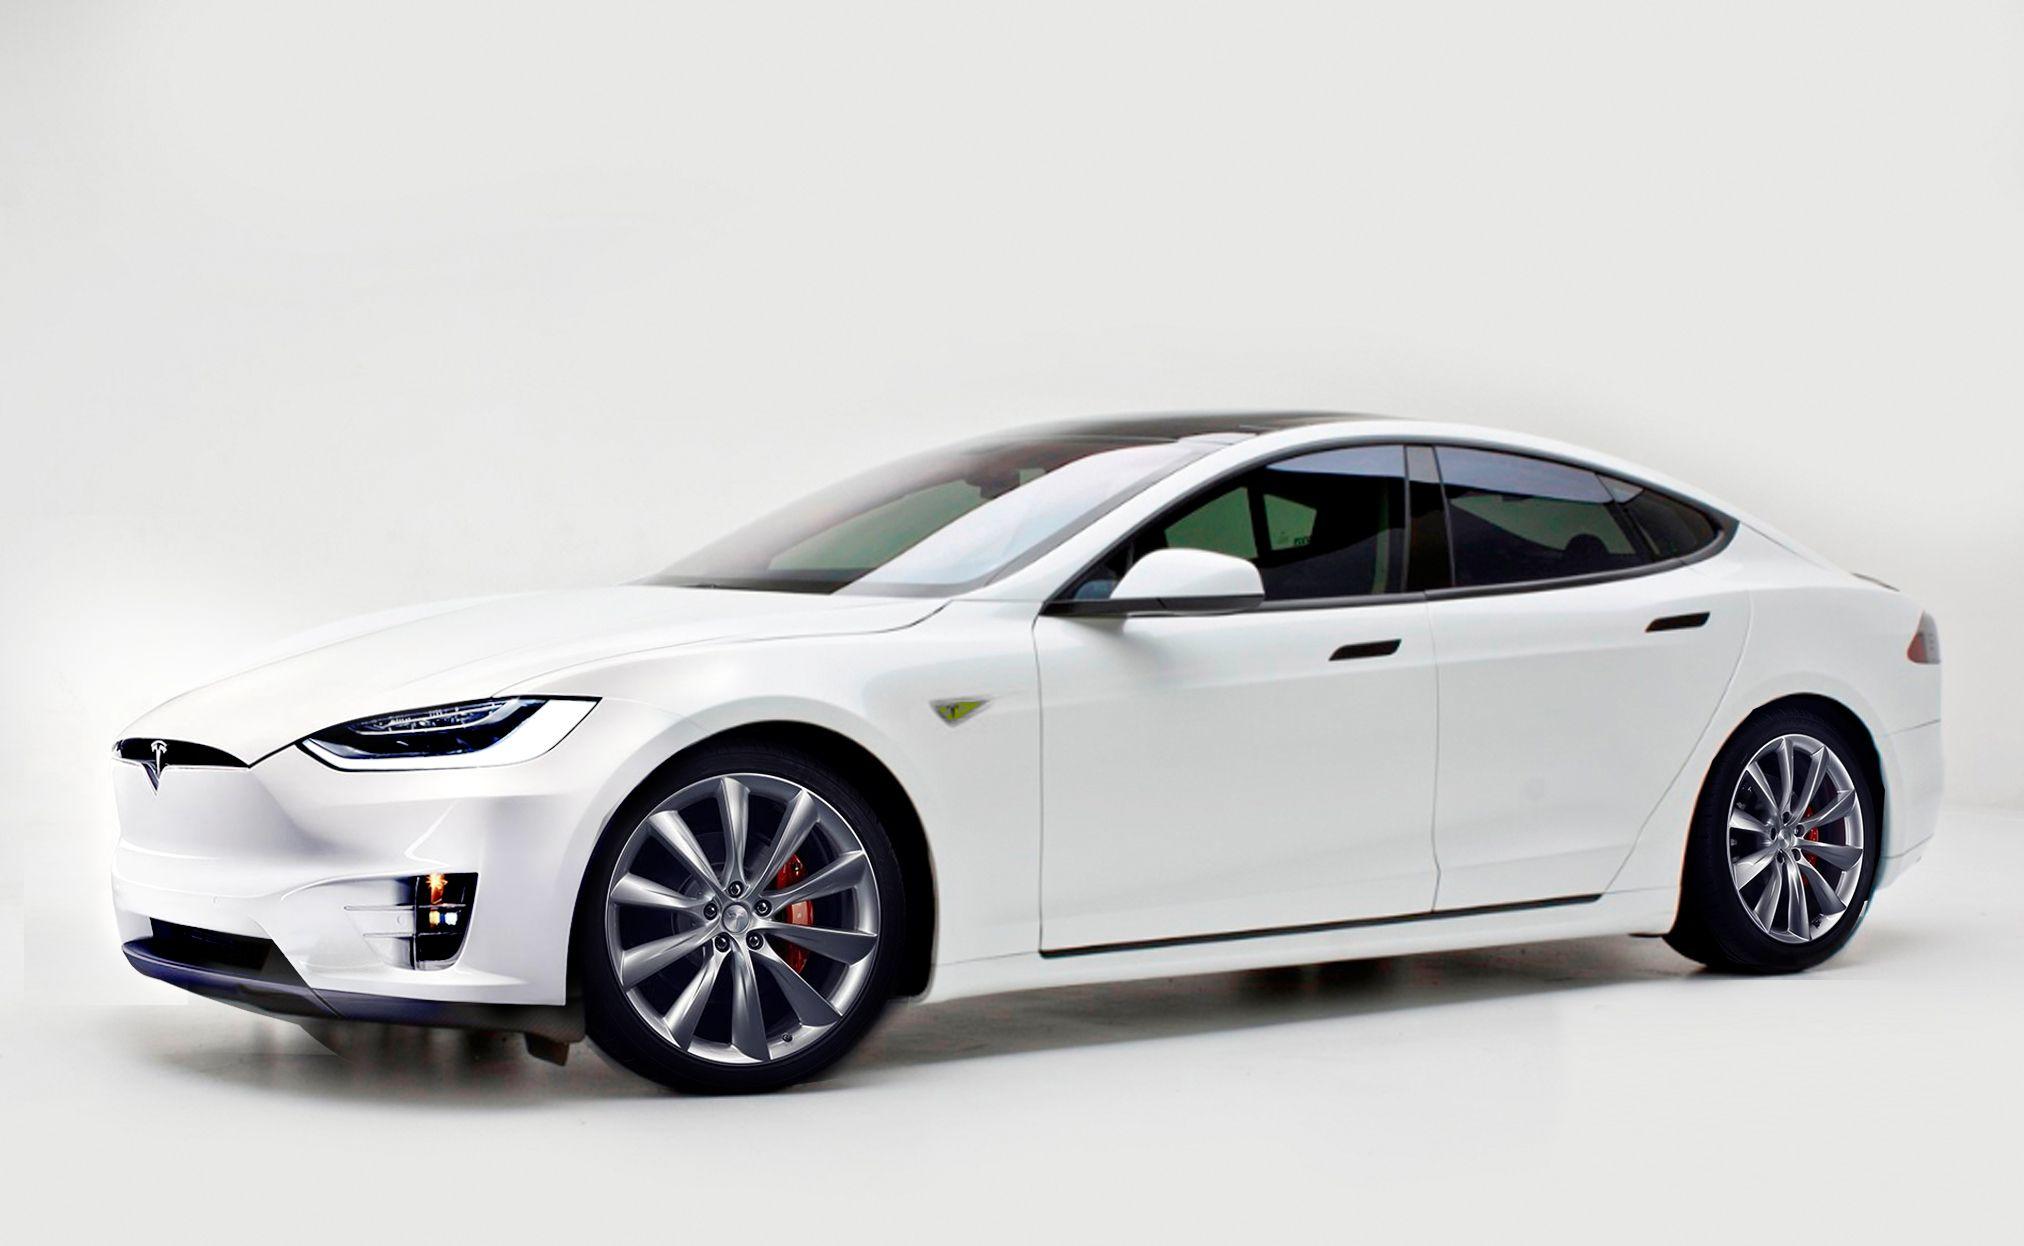 Facelifted Tesla Model S revealed Tesla model s, Tesla